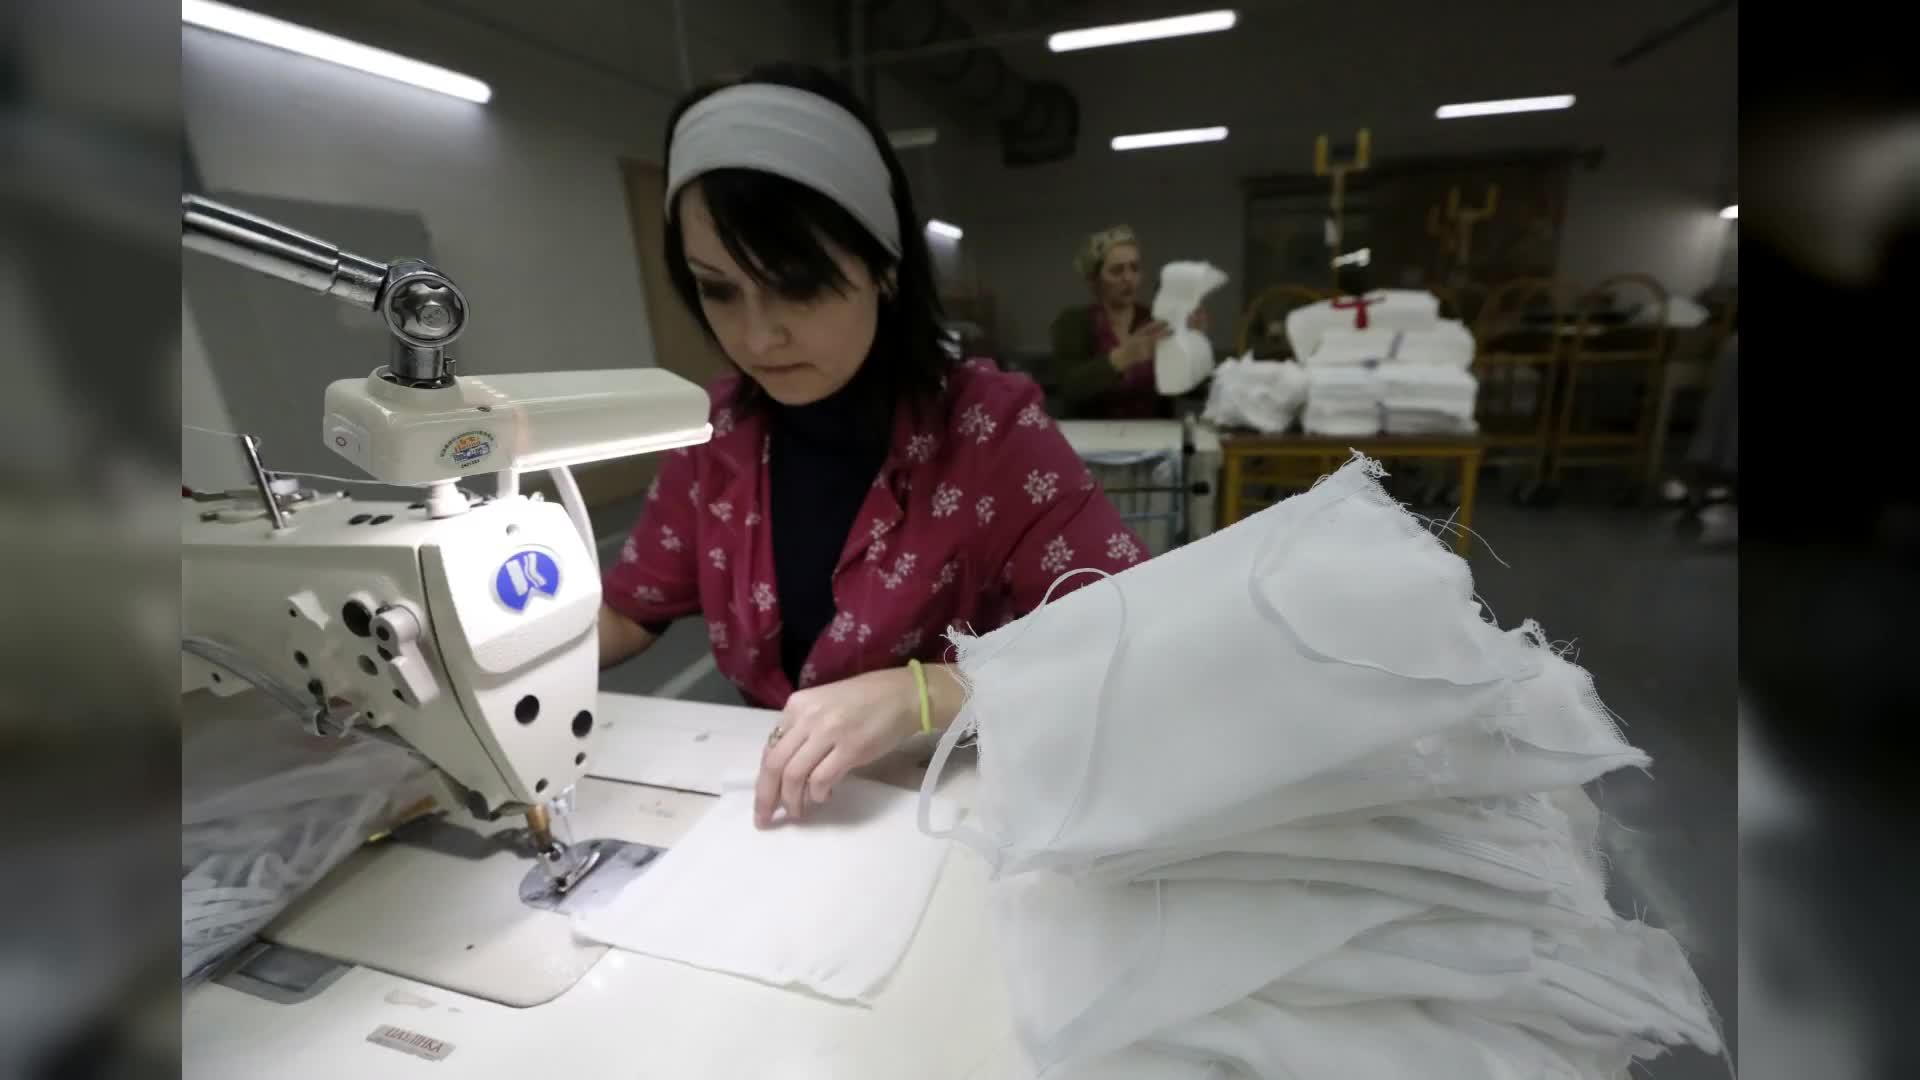 新华丝路看世界 | 白俄罗斯口罩生产过剩